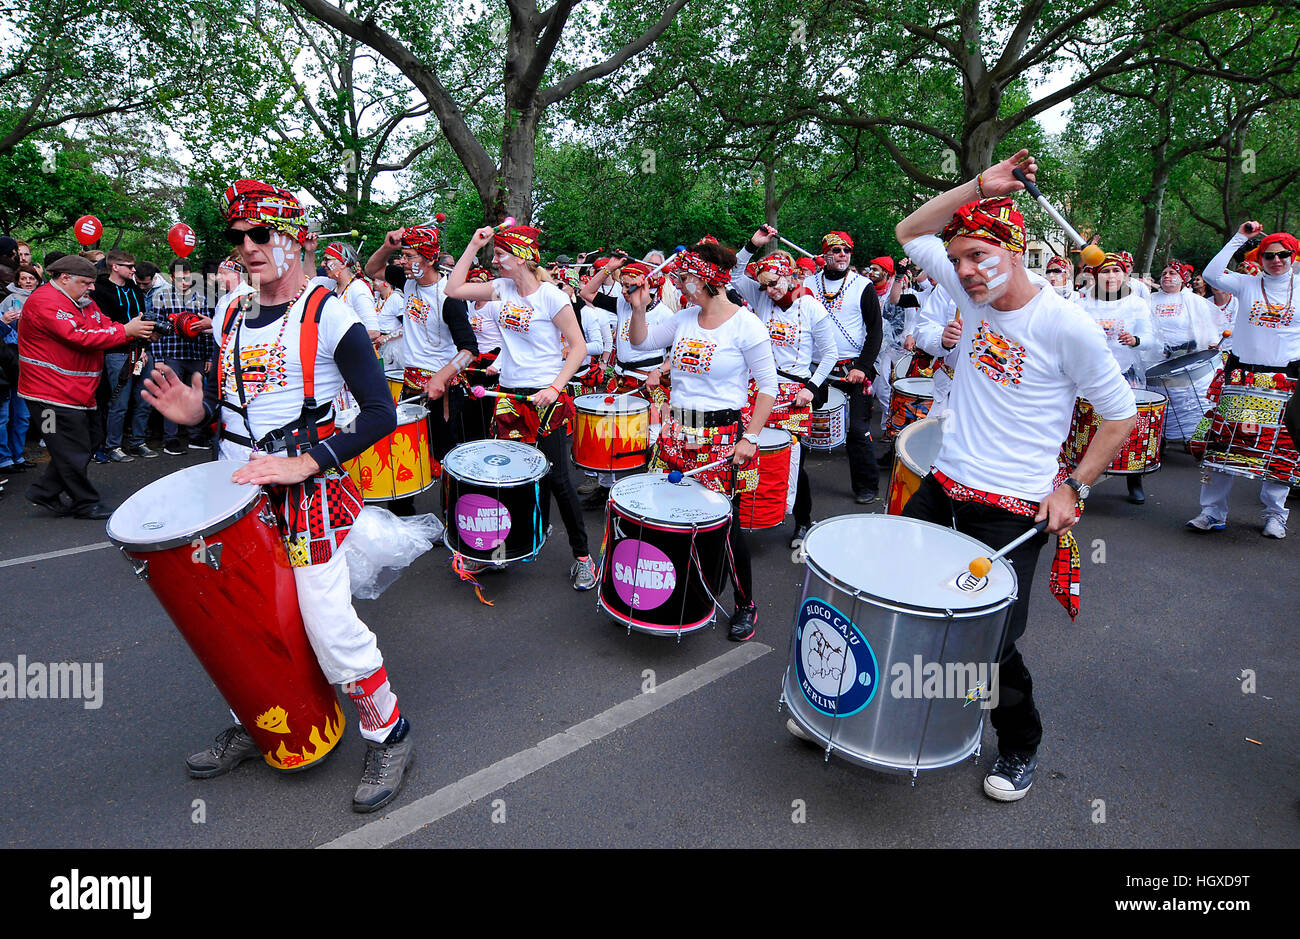 Sambagruppe, Karneval der Kulturen, Kreuzberg, Berlin, Deutschland Stockbild